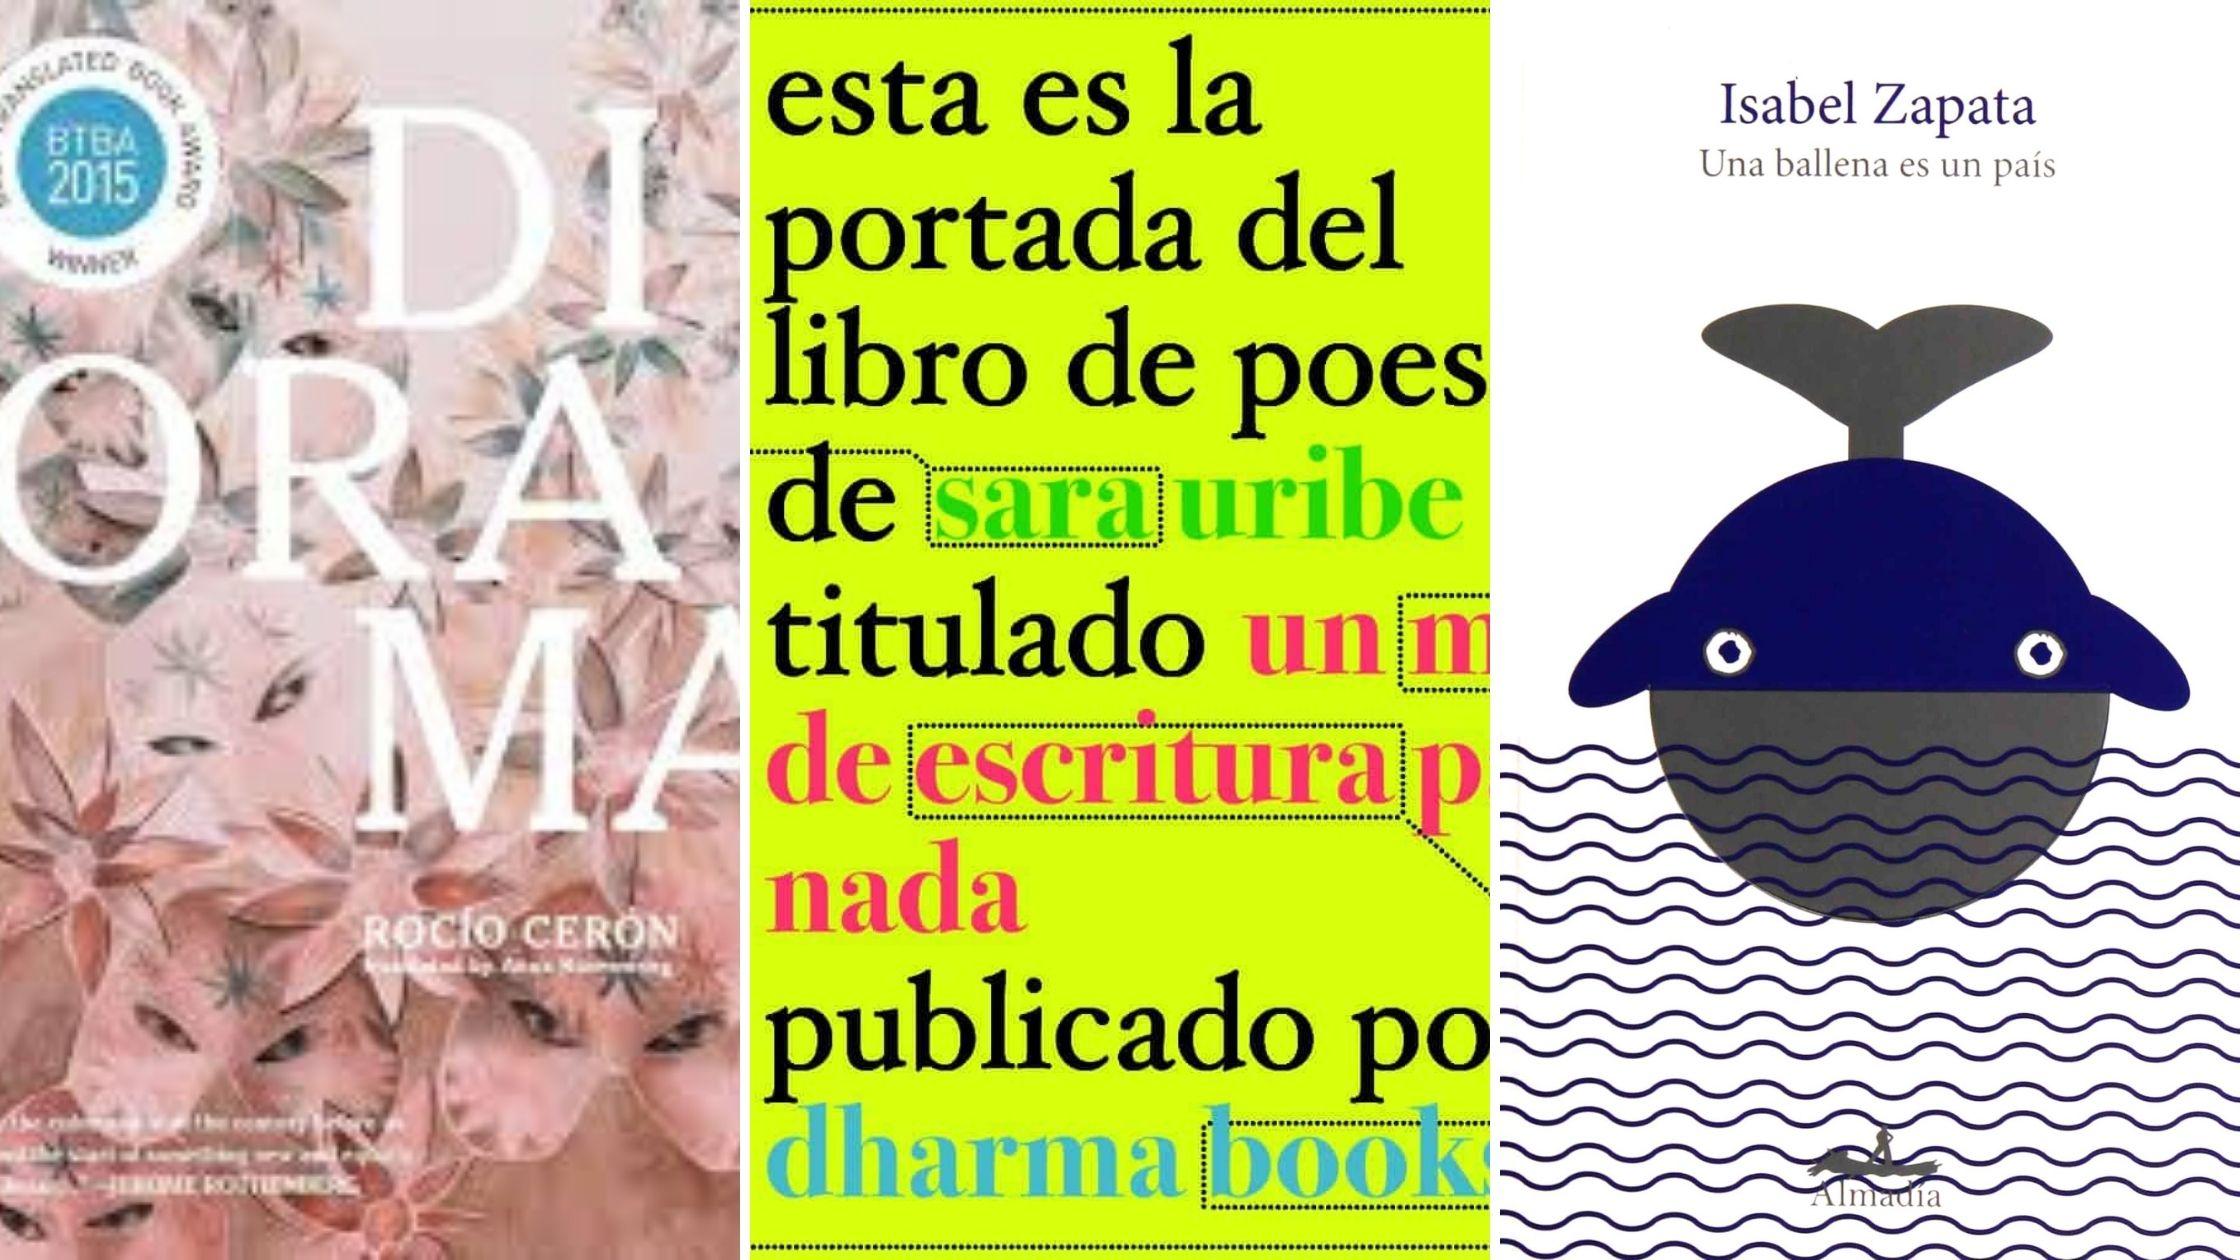 Covers: Diorama, Sara Uribe, Una ballena no es un pais